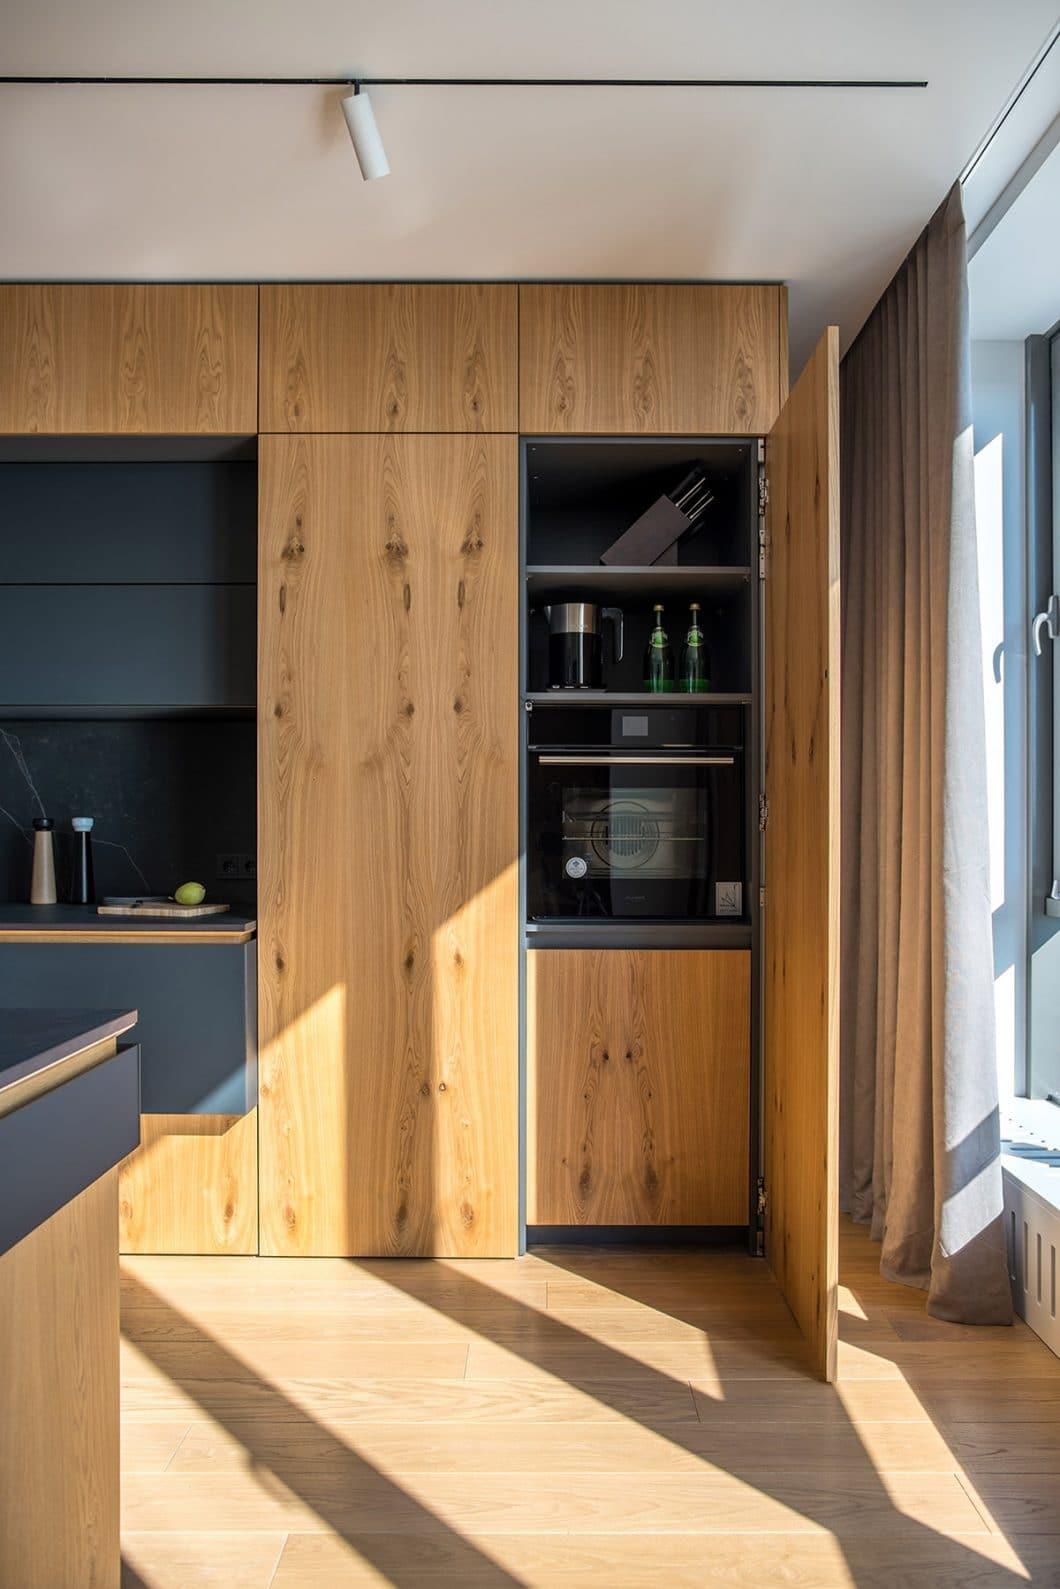 Design und Materialien gehen Hand in Hand. Diese moderne Holzküche glänzt von außen sowie von innen mit hochwertigen Materialien, welche farbliche und haptische Kontraste erzeugen. (Foto: Andrey Bezuglov)